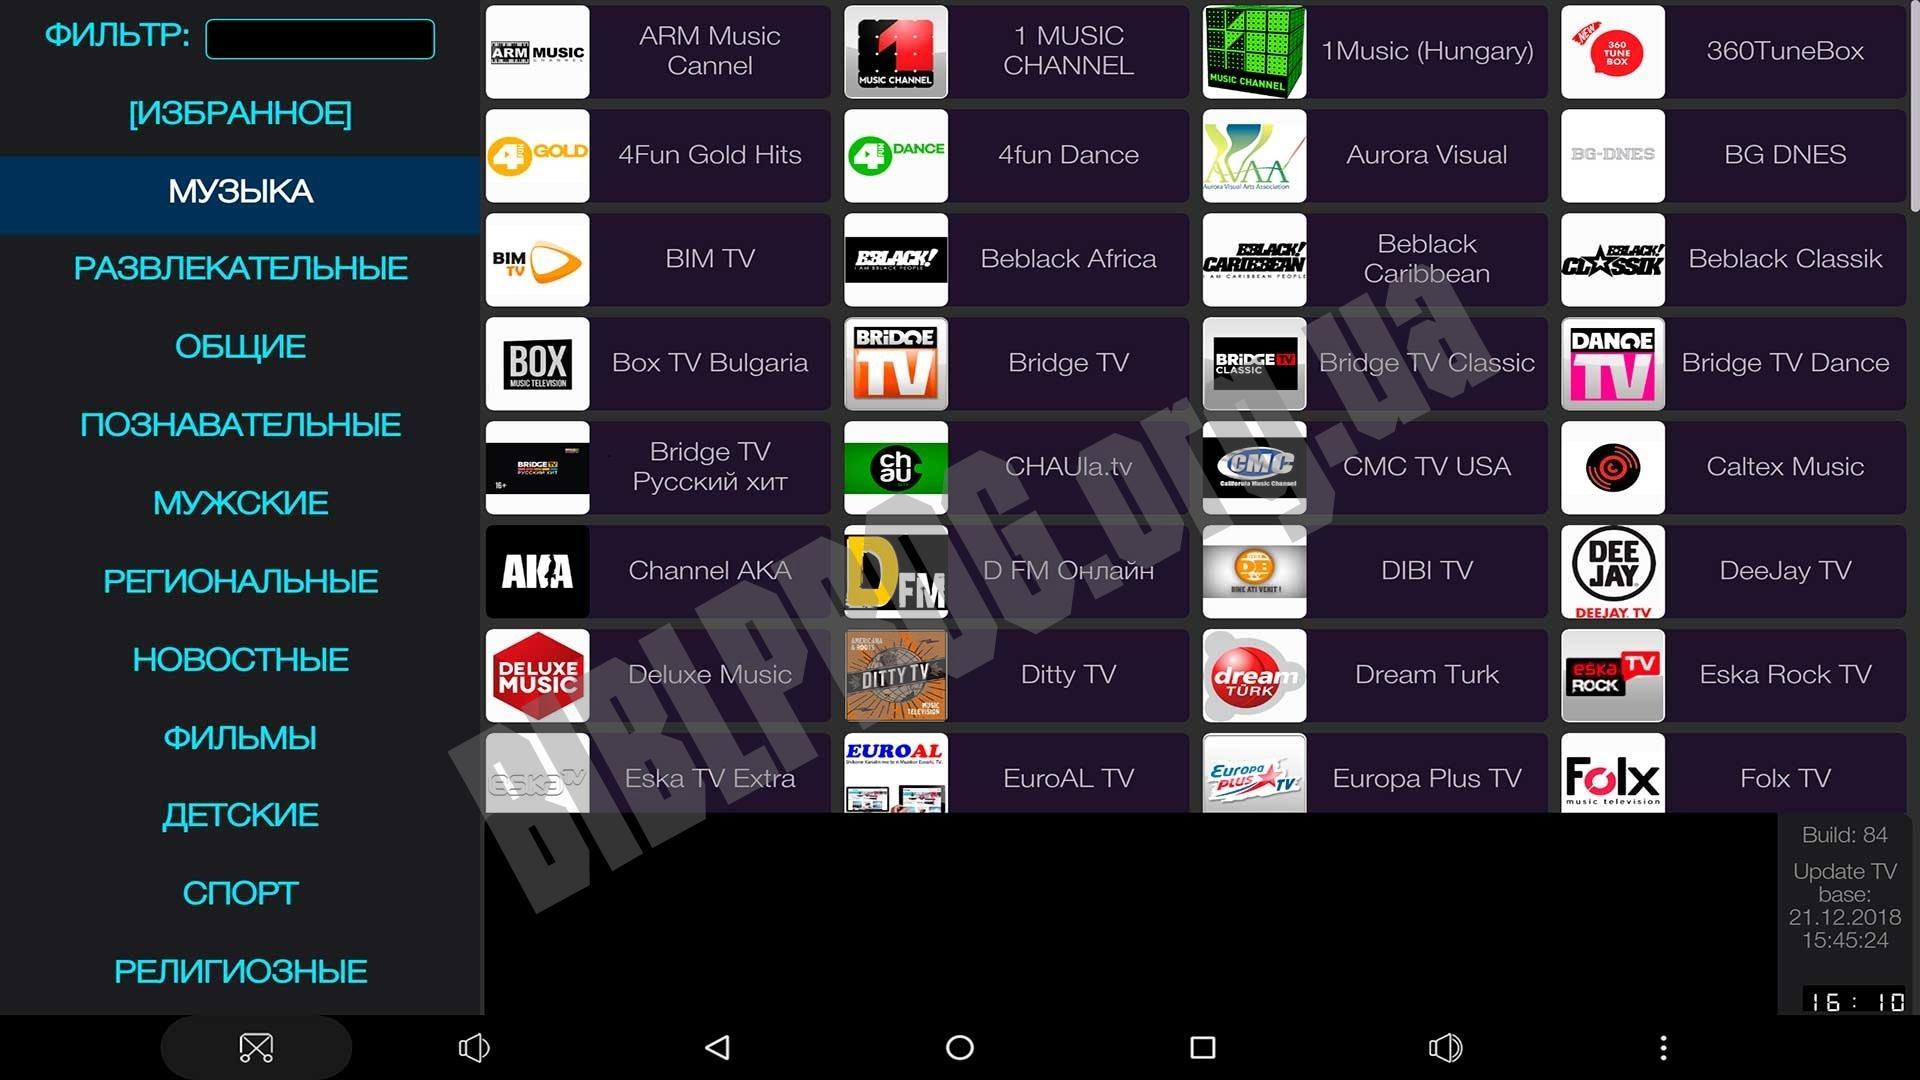 Edem tv скачать бесплатно m3u плейлист.